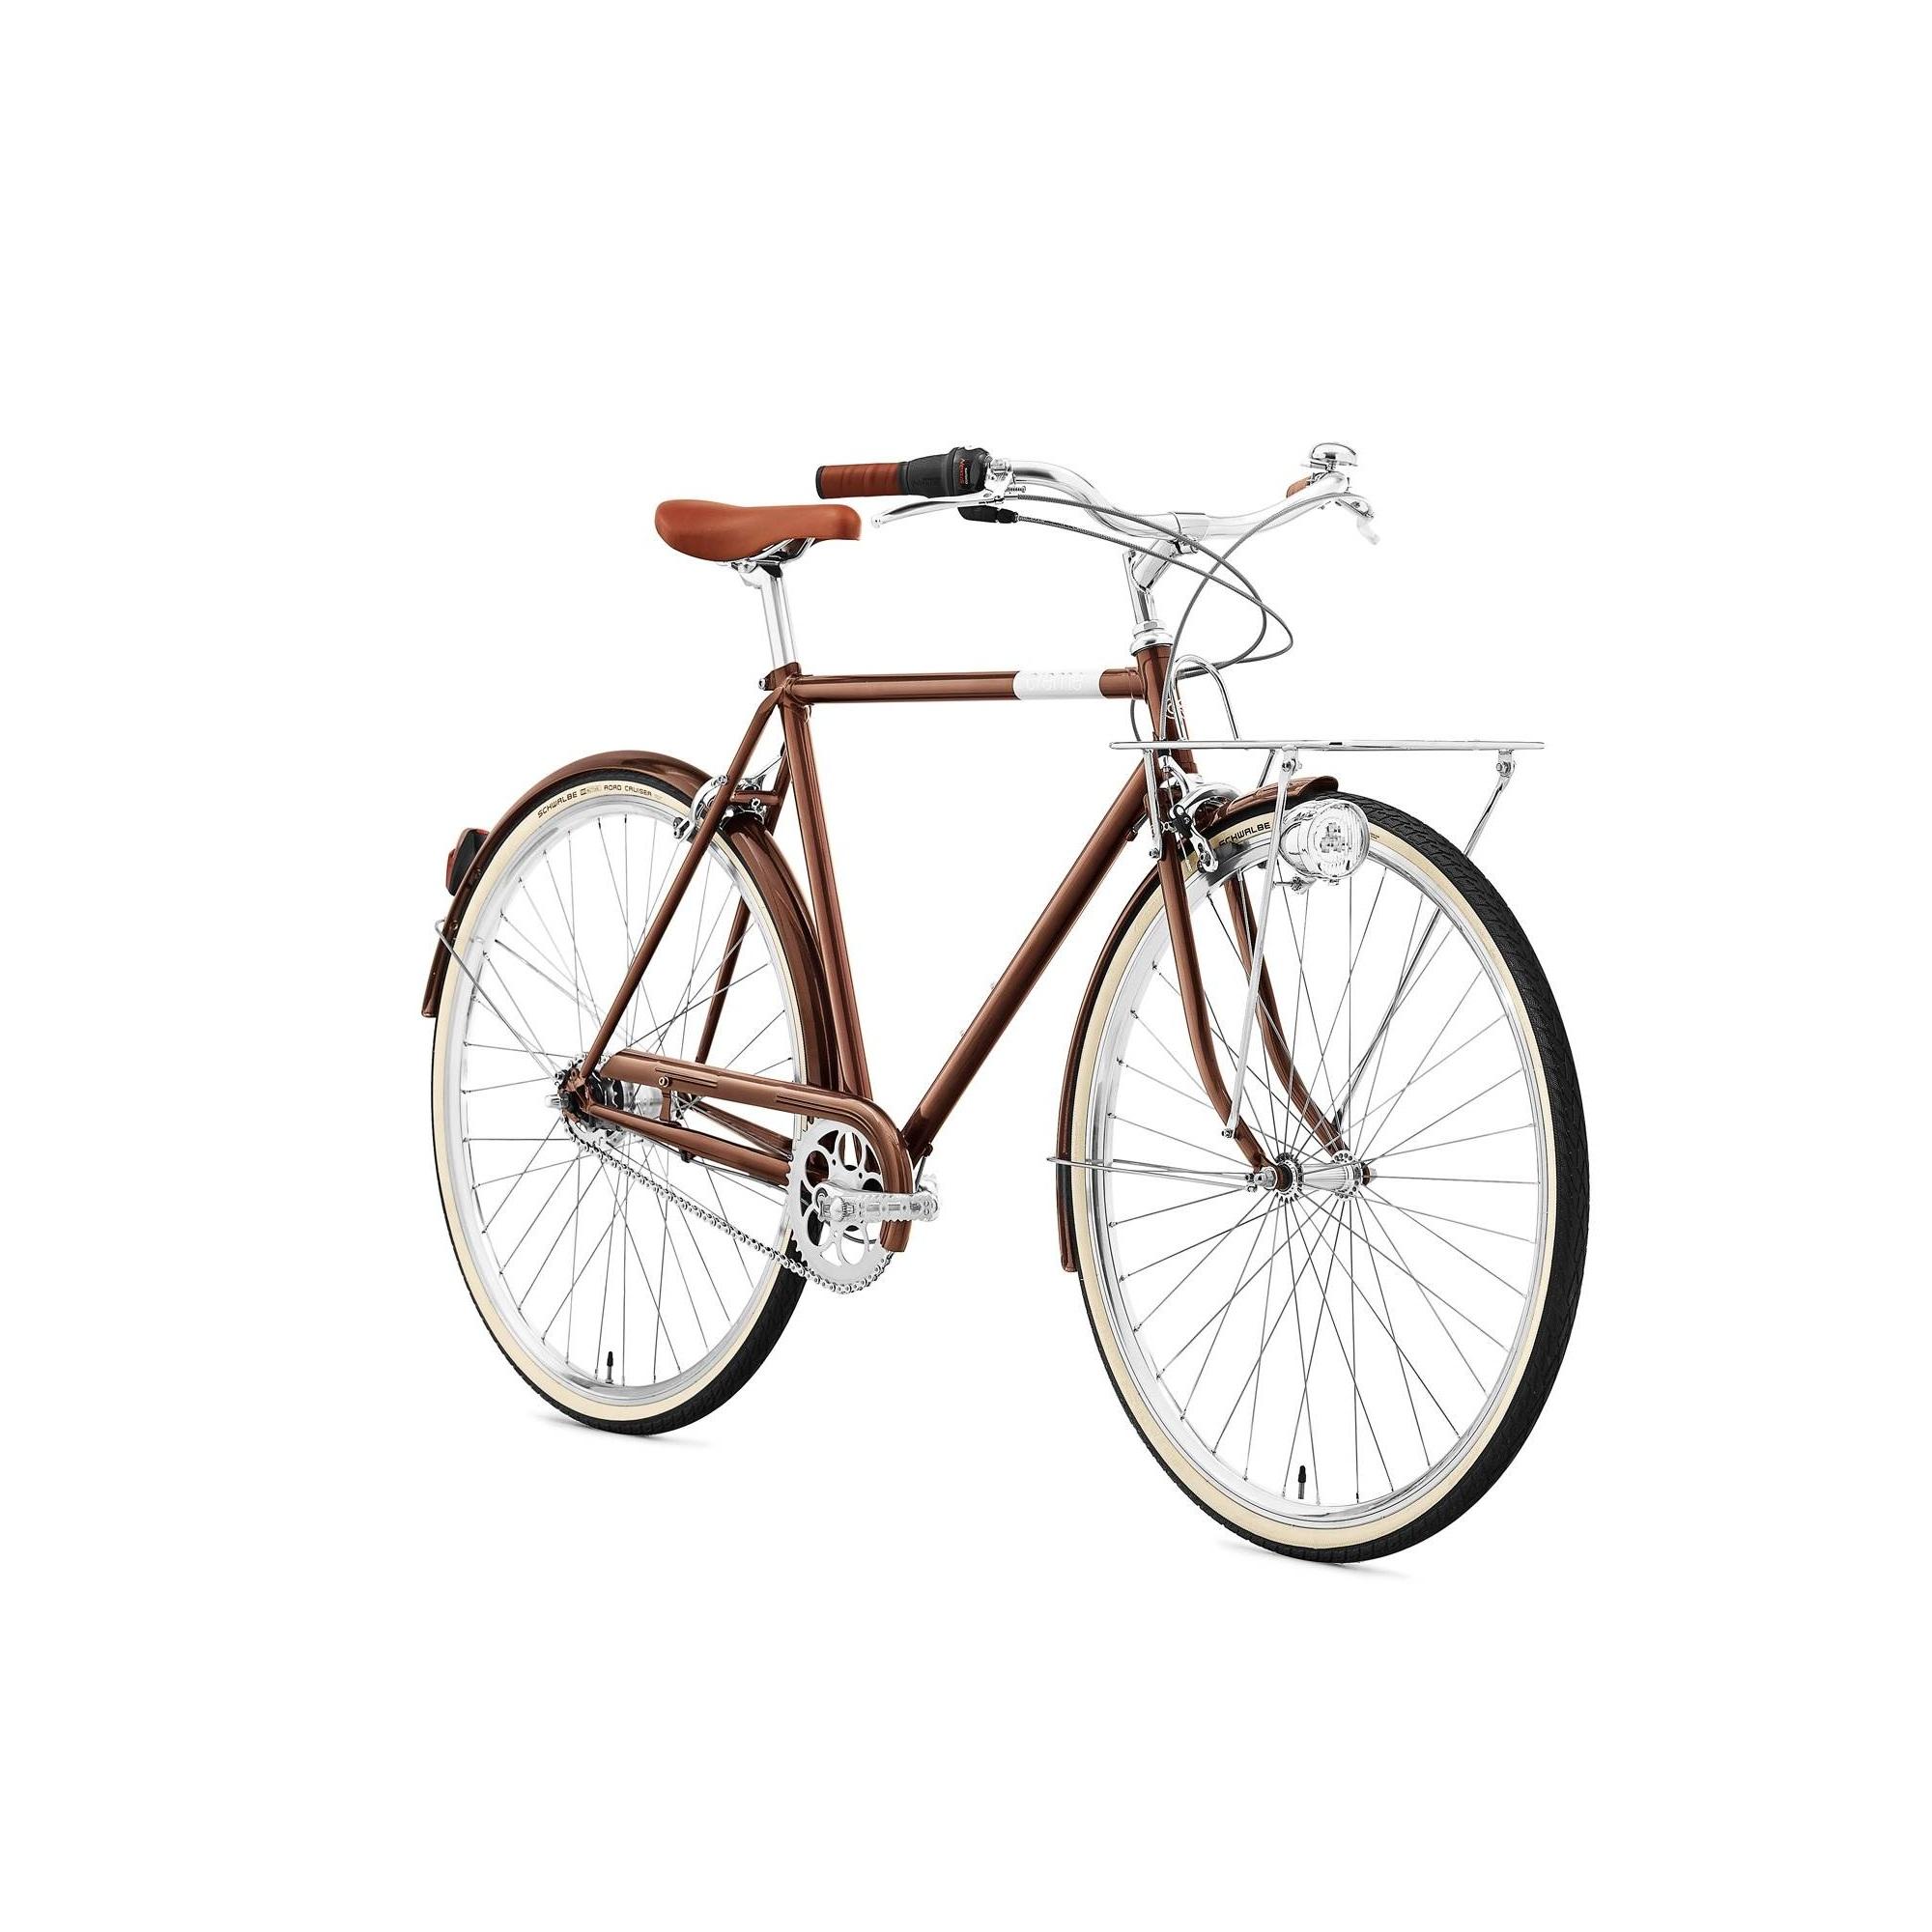 city bike creme cycles caferacer man solo bike Paddock Cafe Racer Girls city bike creme cycles caferacer man solo